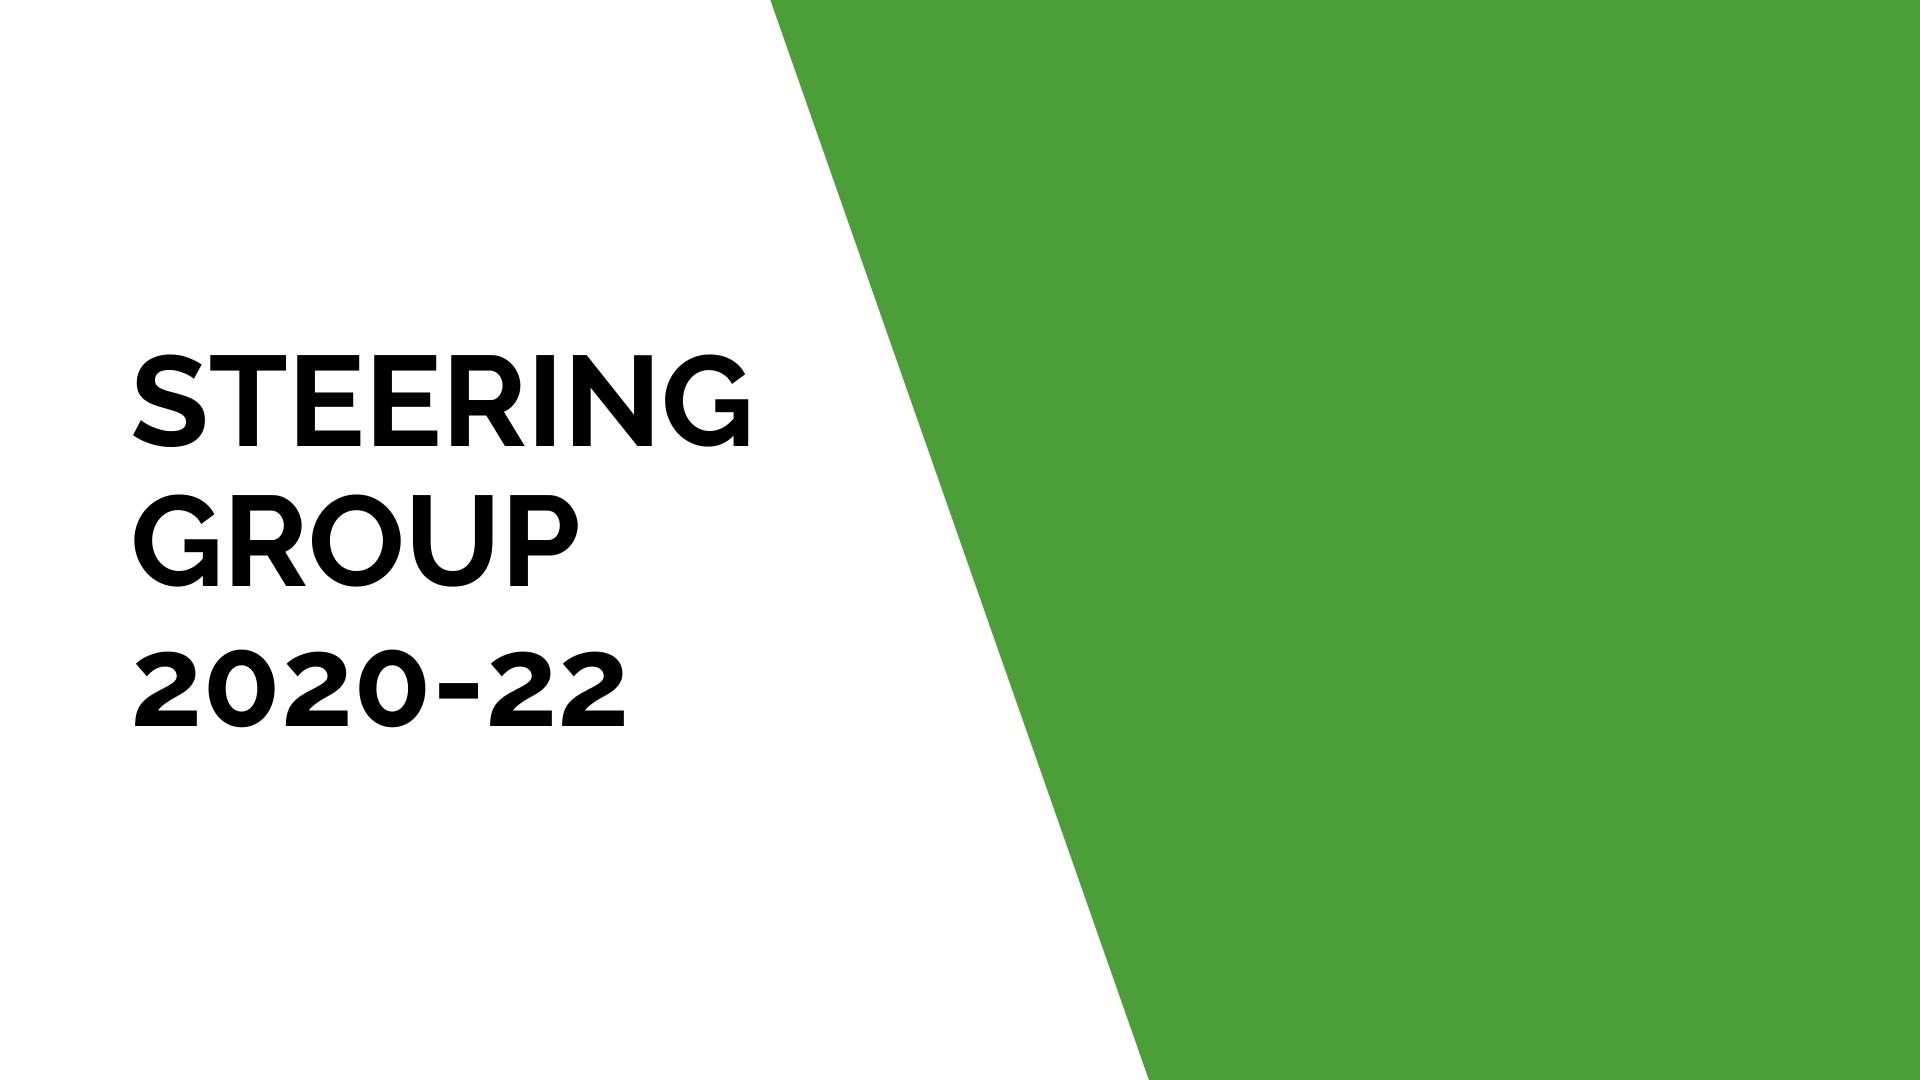 Steering Group 2020-22